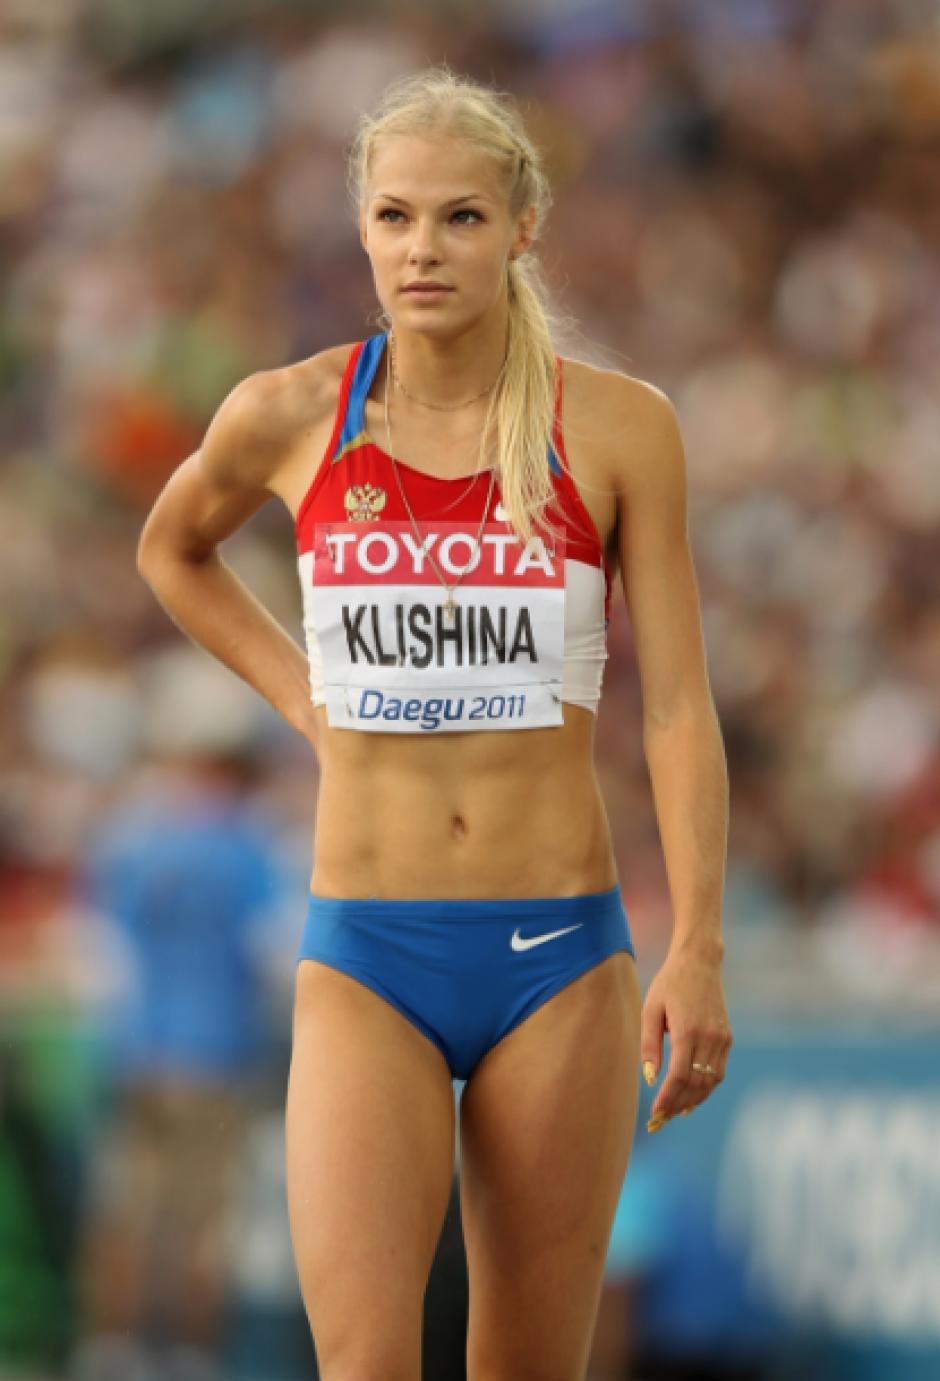 Junto a la famosa Isinbayeva, Klishina demostró que no tenía nada que ver con el dopaje (Foto: AS)